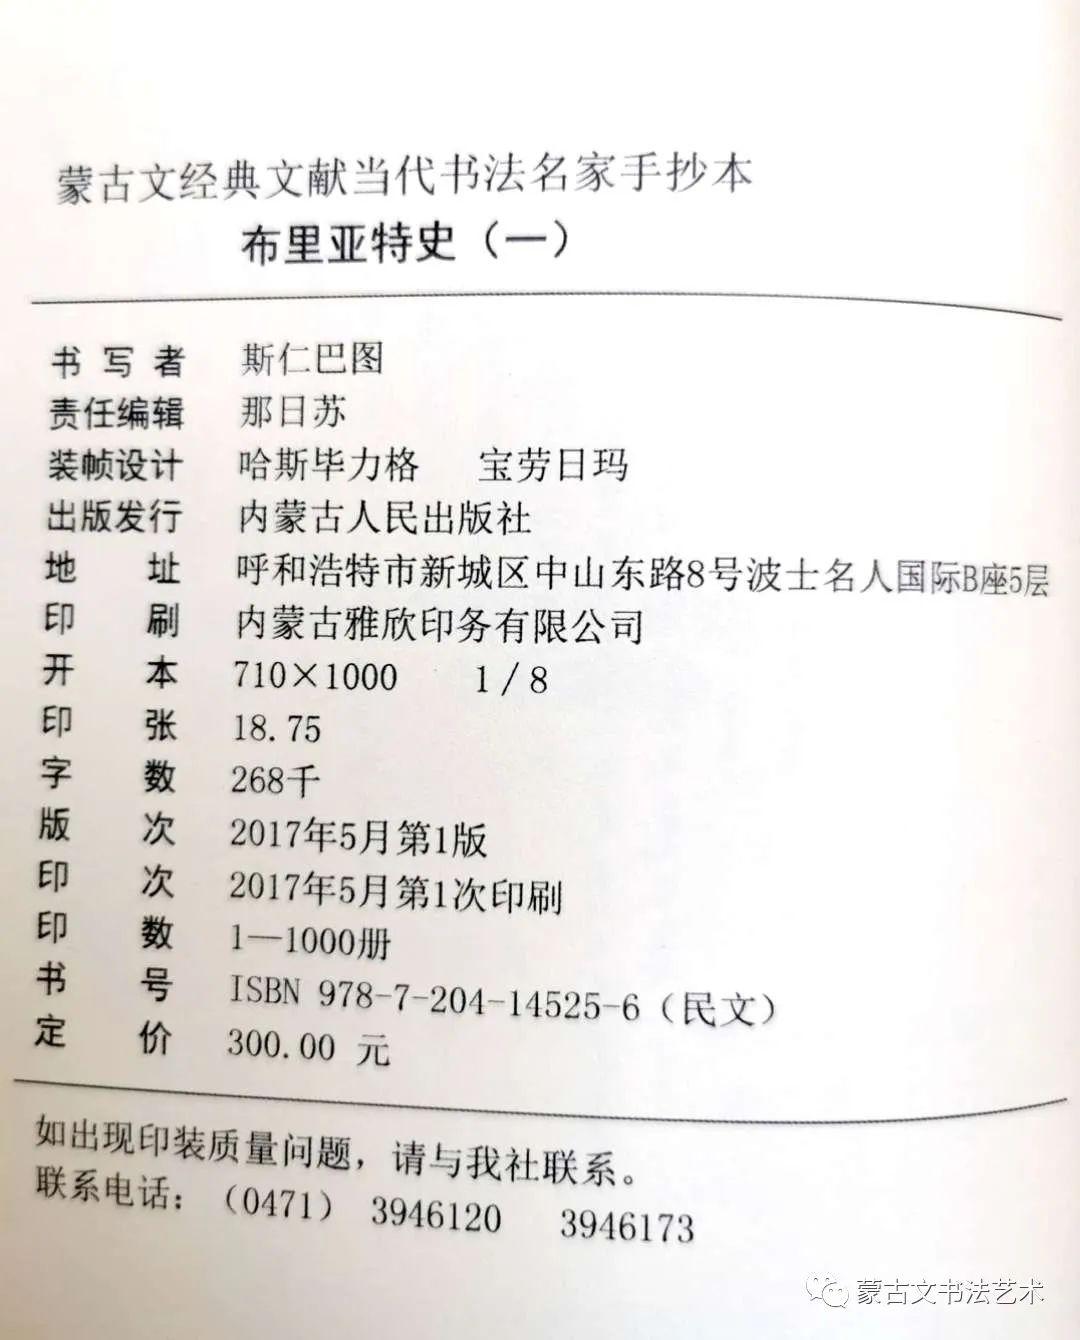 蒙古文经典文献当代书法名家手抄本之斯仁巴图《布里亚特史》 第12张 蒙古文经典文献当代书法名家手抄本之斯仁巴图《布里亚特史》 蒙古书法